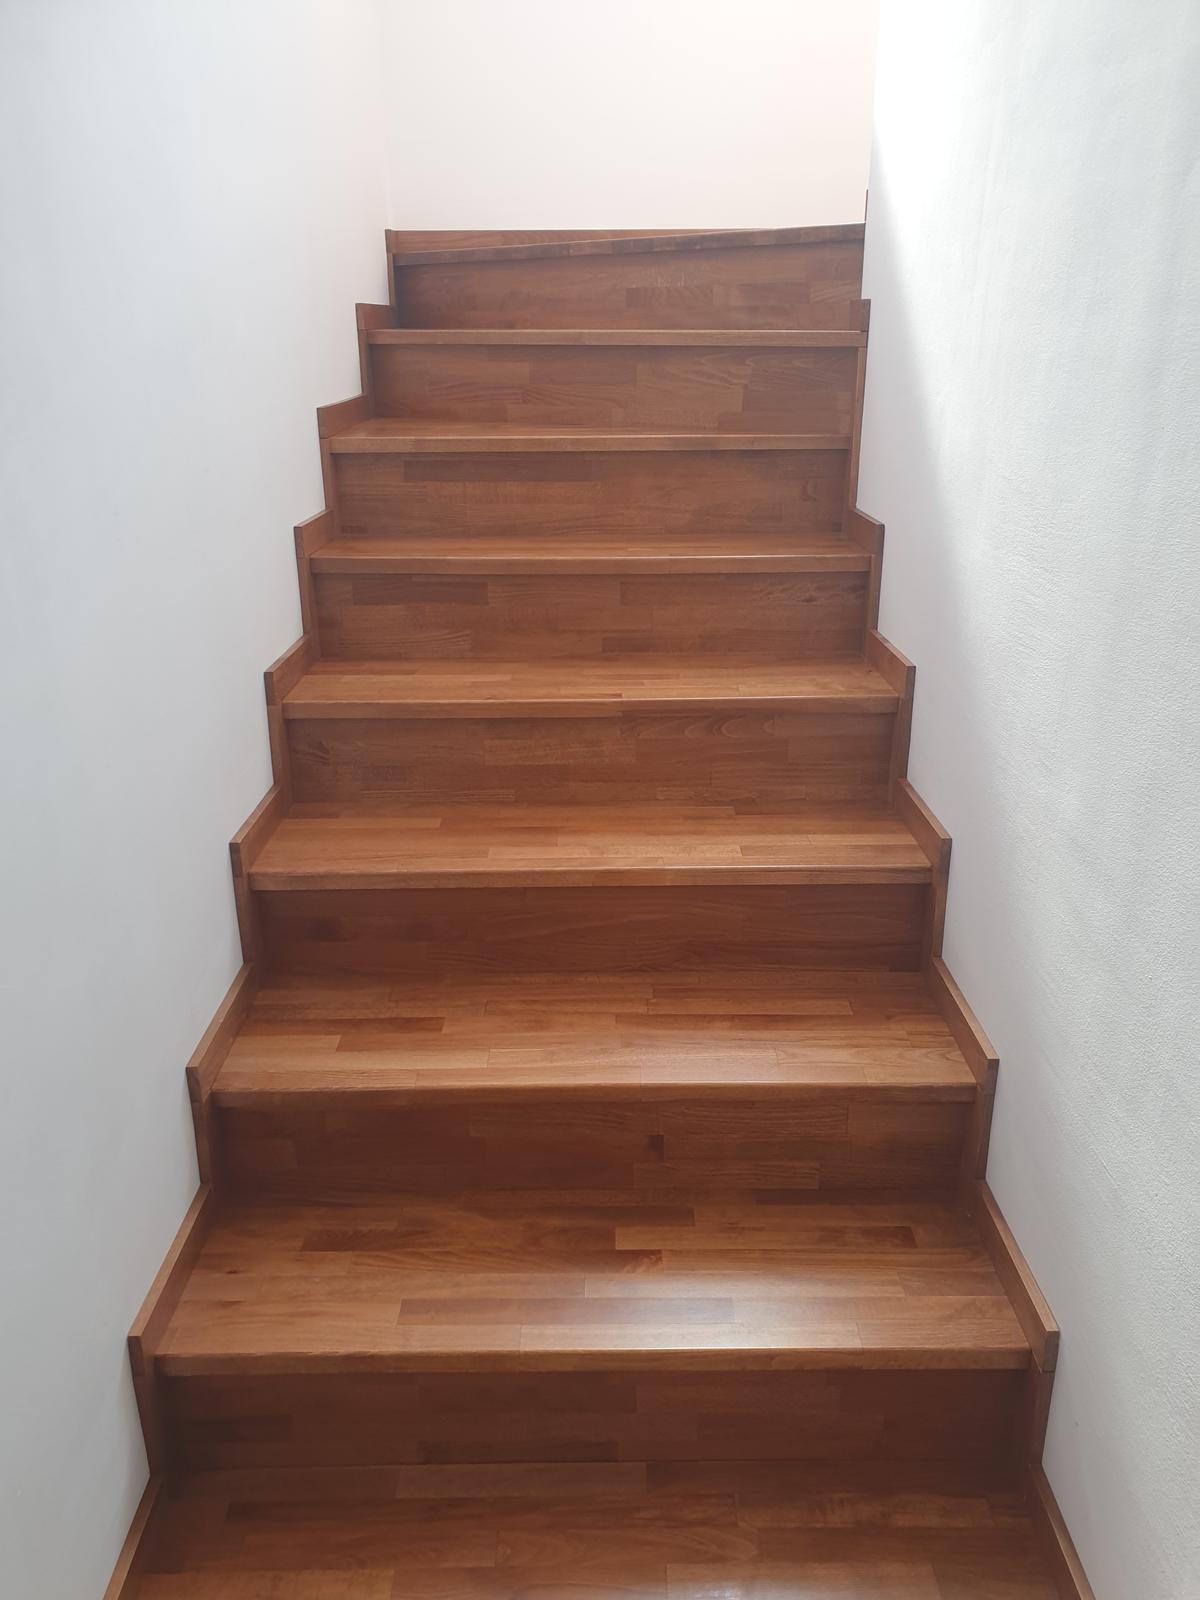 Drevené schody na mieru - BUK - 279 - Obrázok č. 1